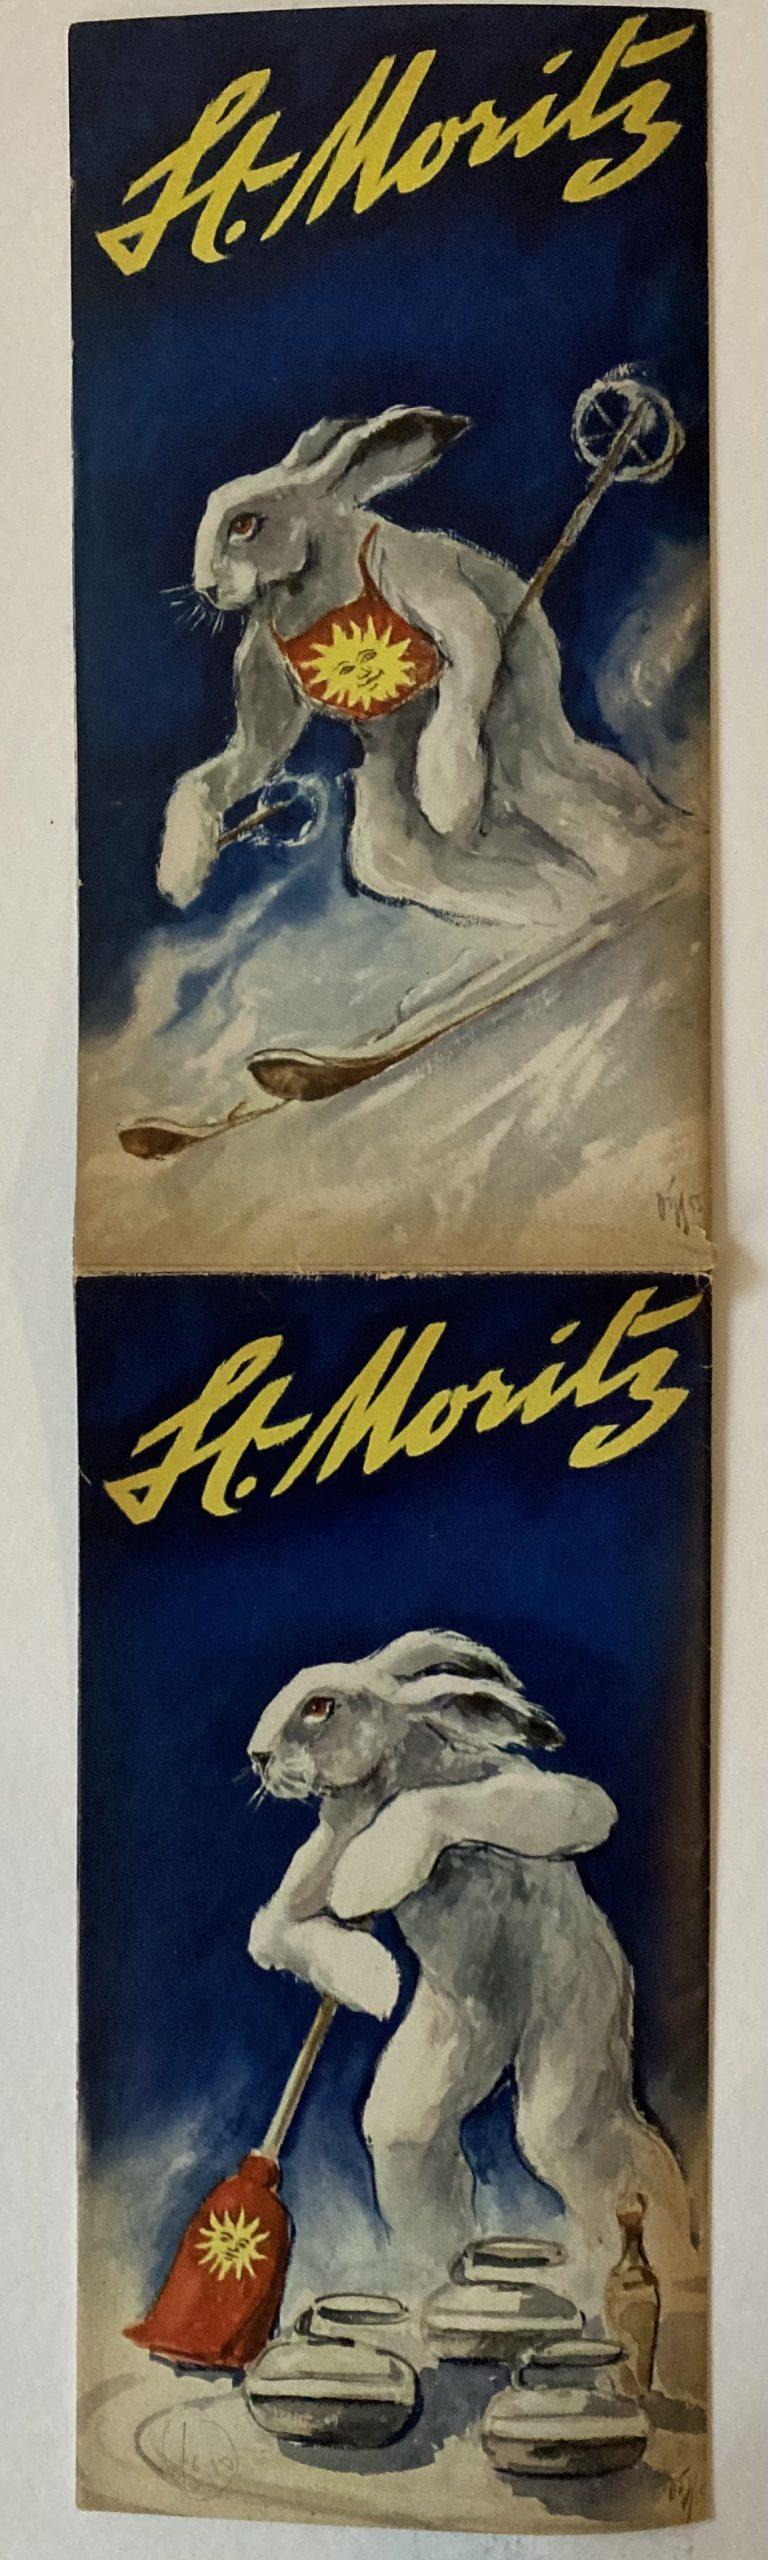 Travel brochure for St. Moritz